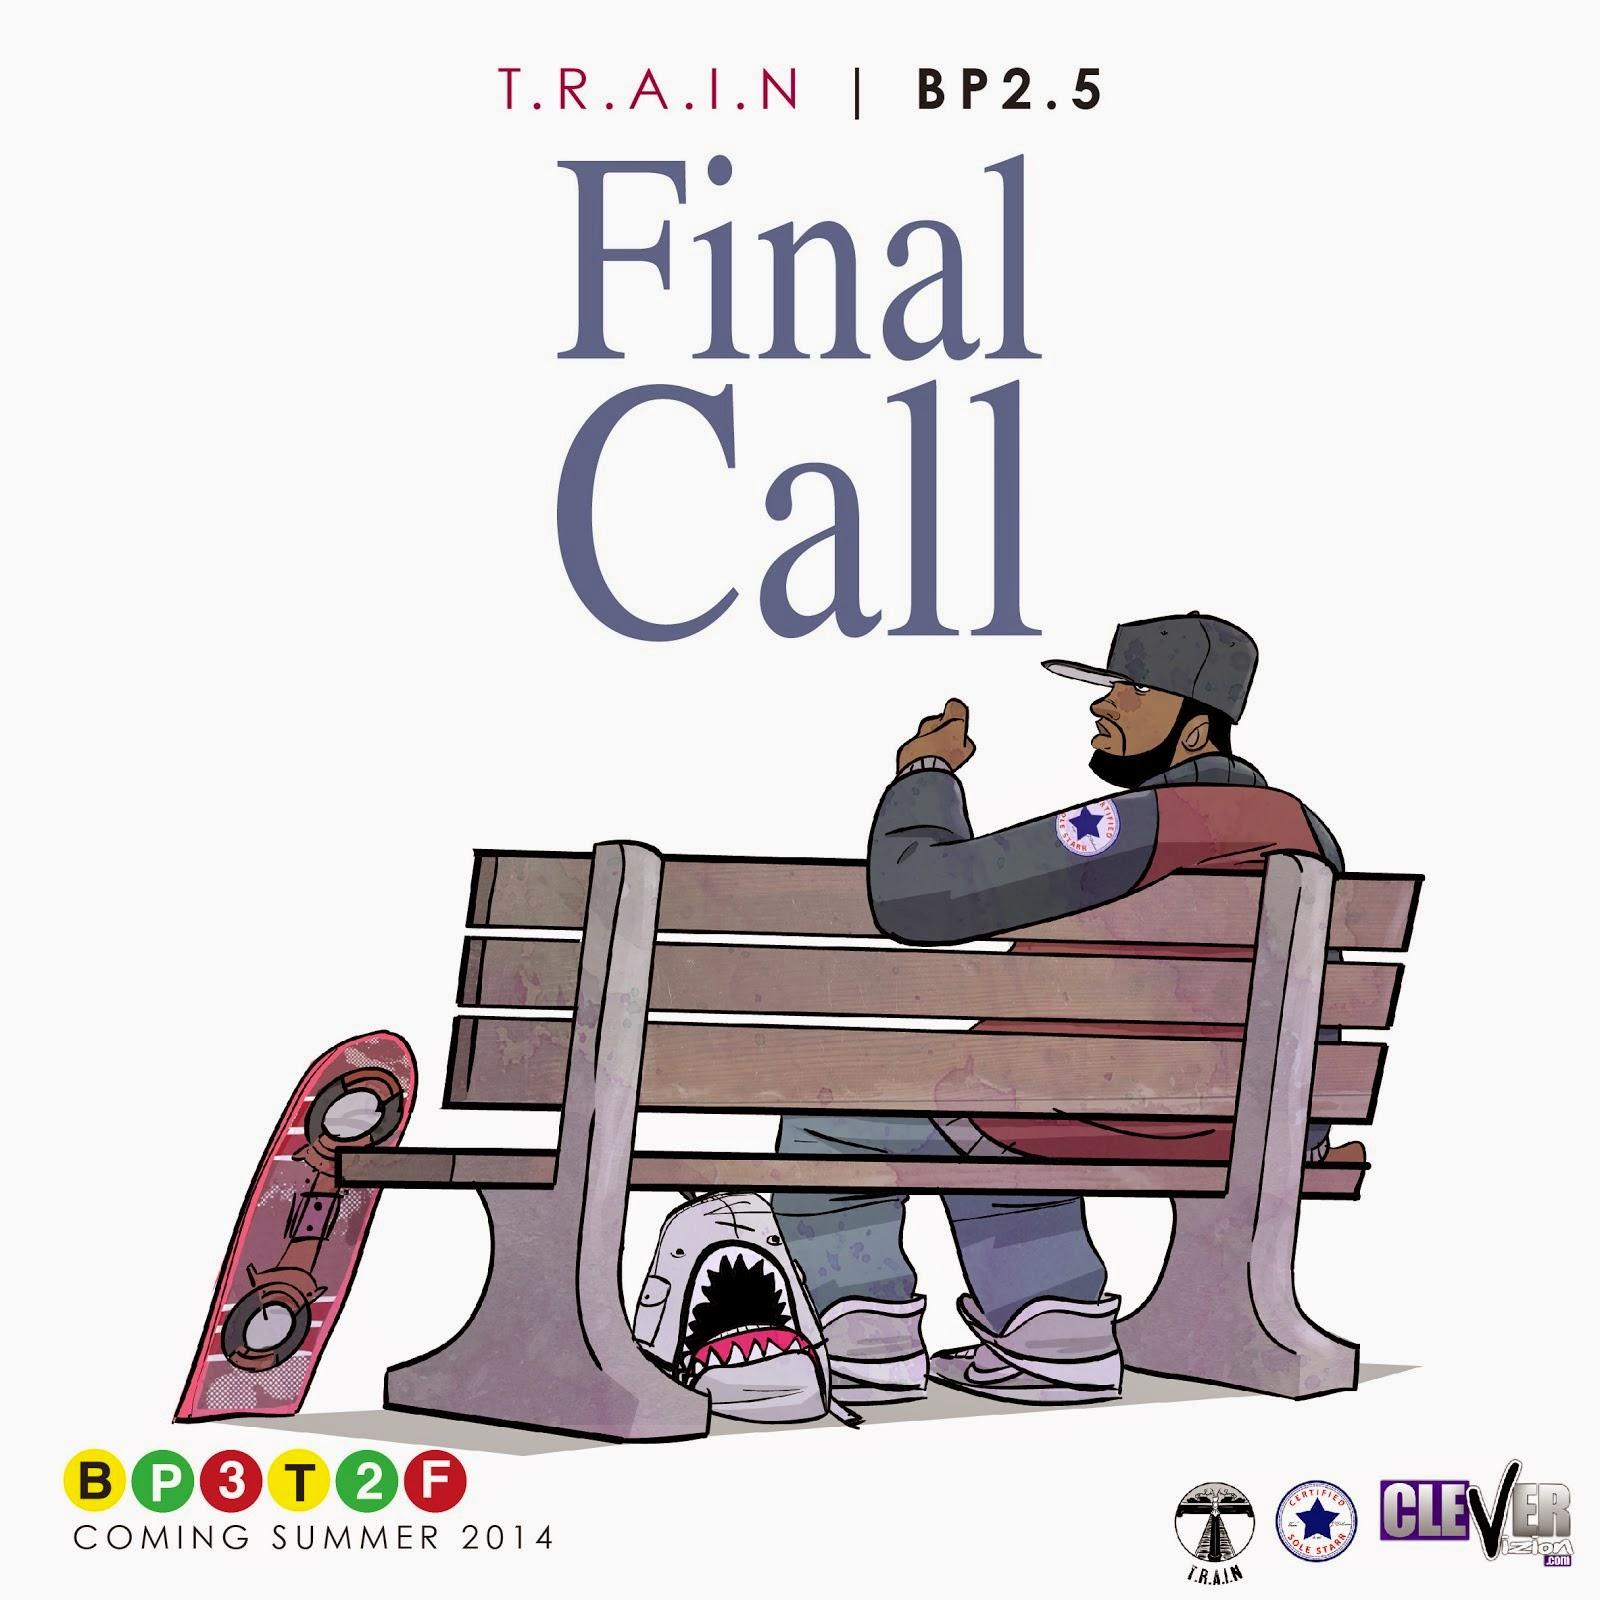 BP2.5: Final Call